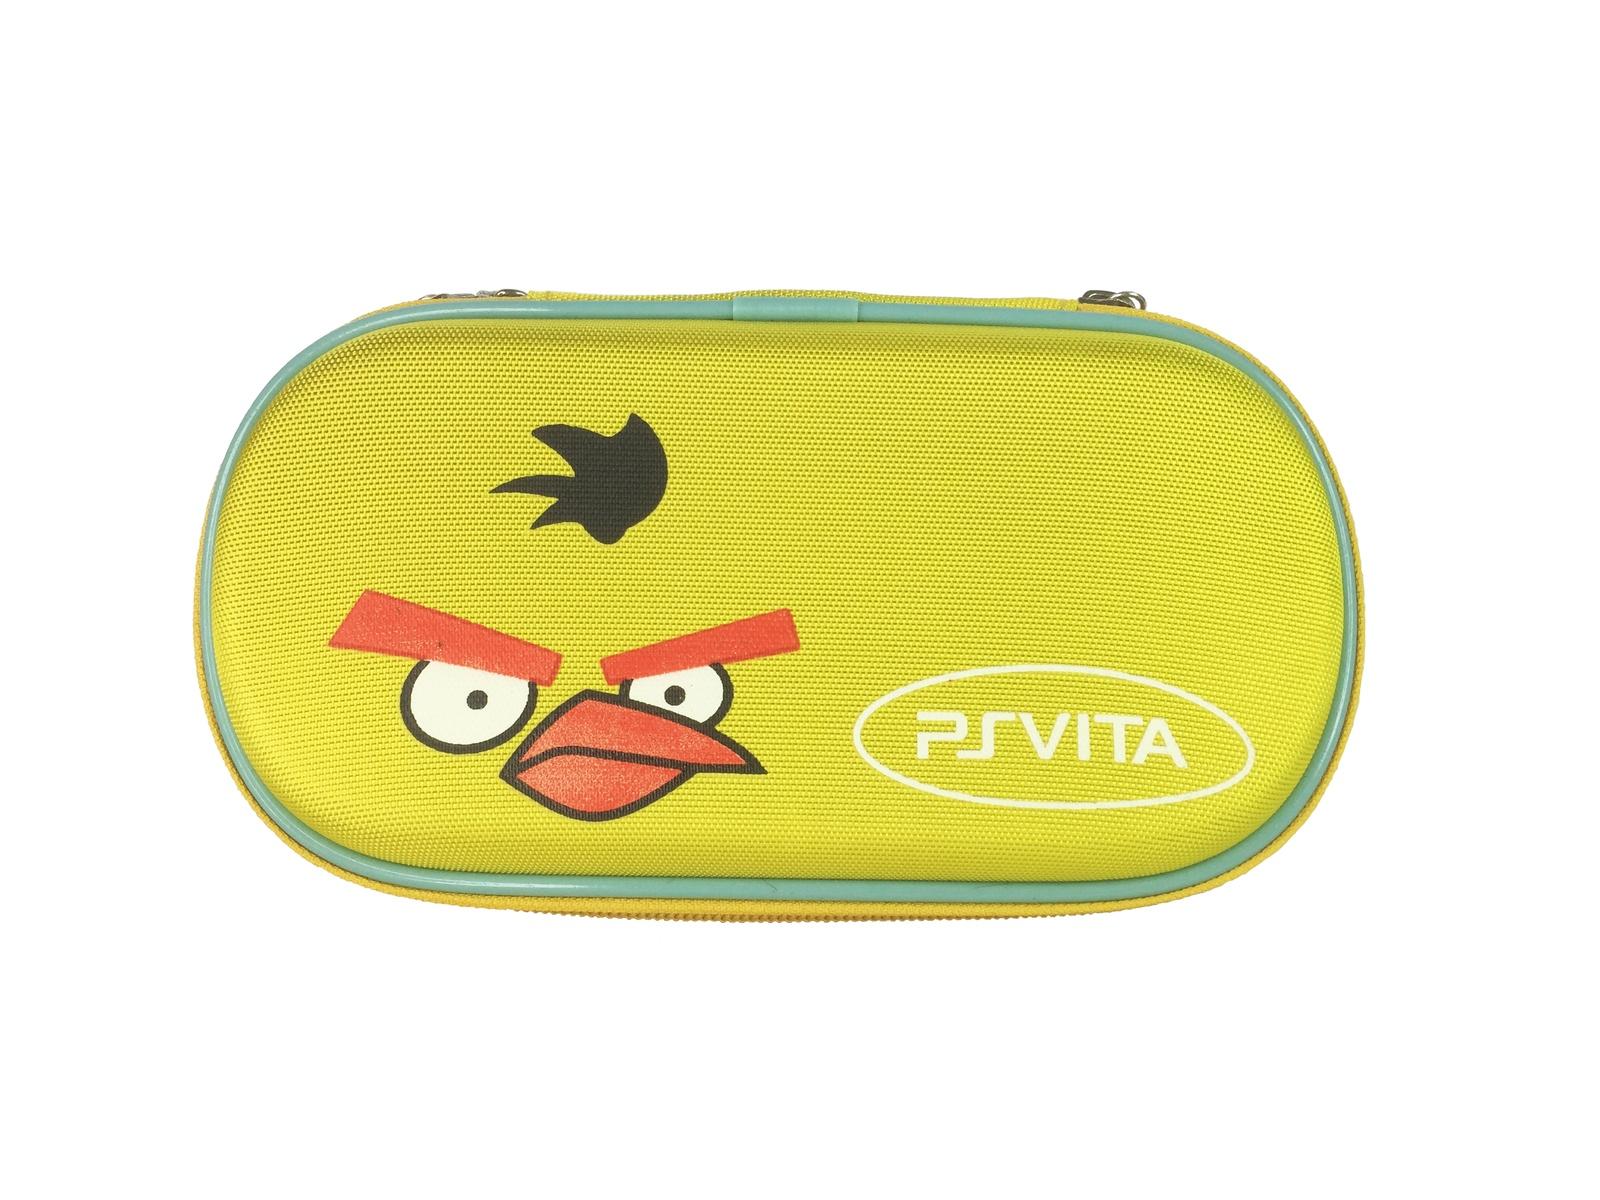 Чехол для игровой приставки Hori PSV-225, желтый игры для игровой приставки denn